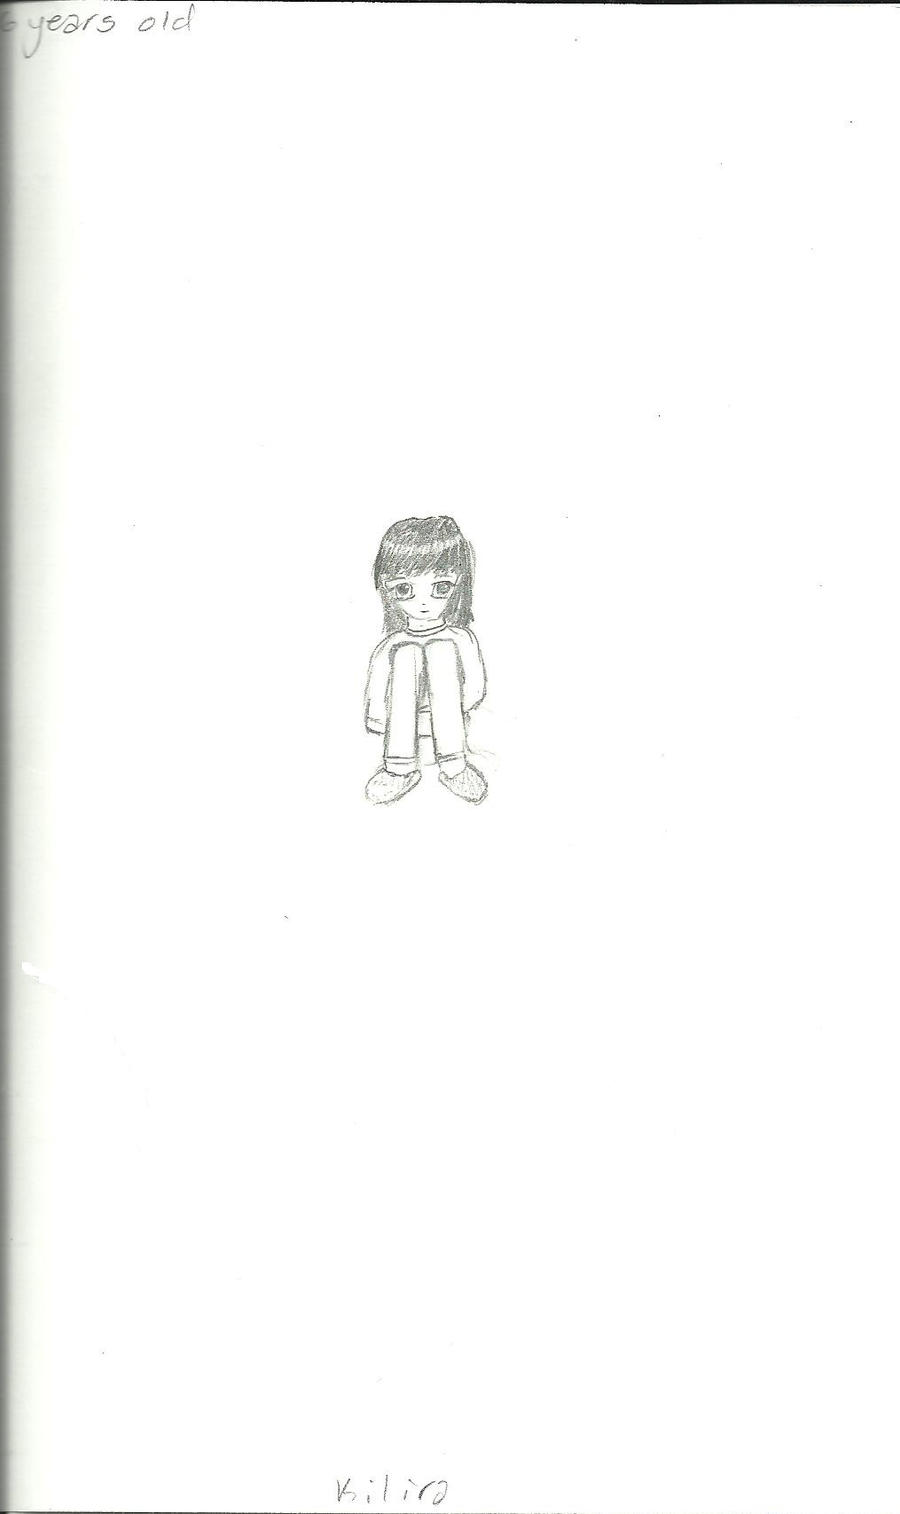 Kilira (6 years old) by Ahtilak